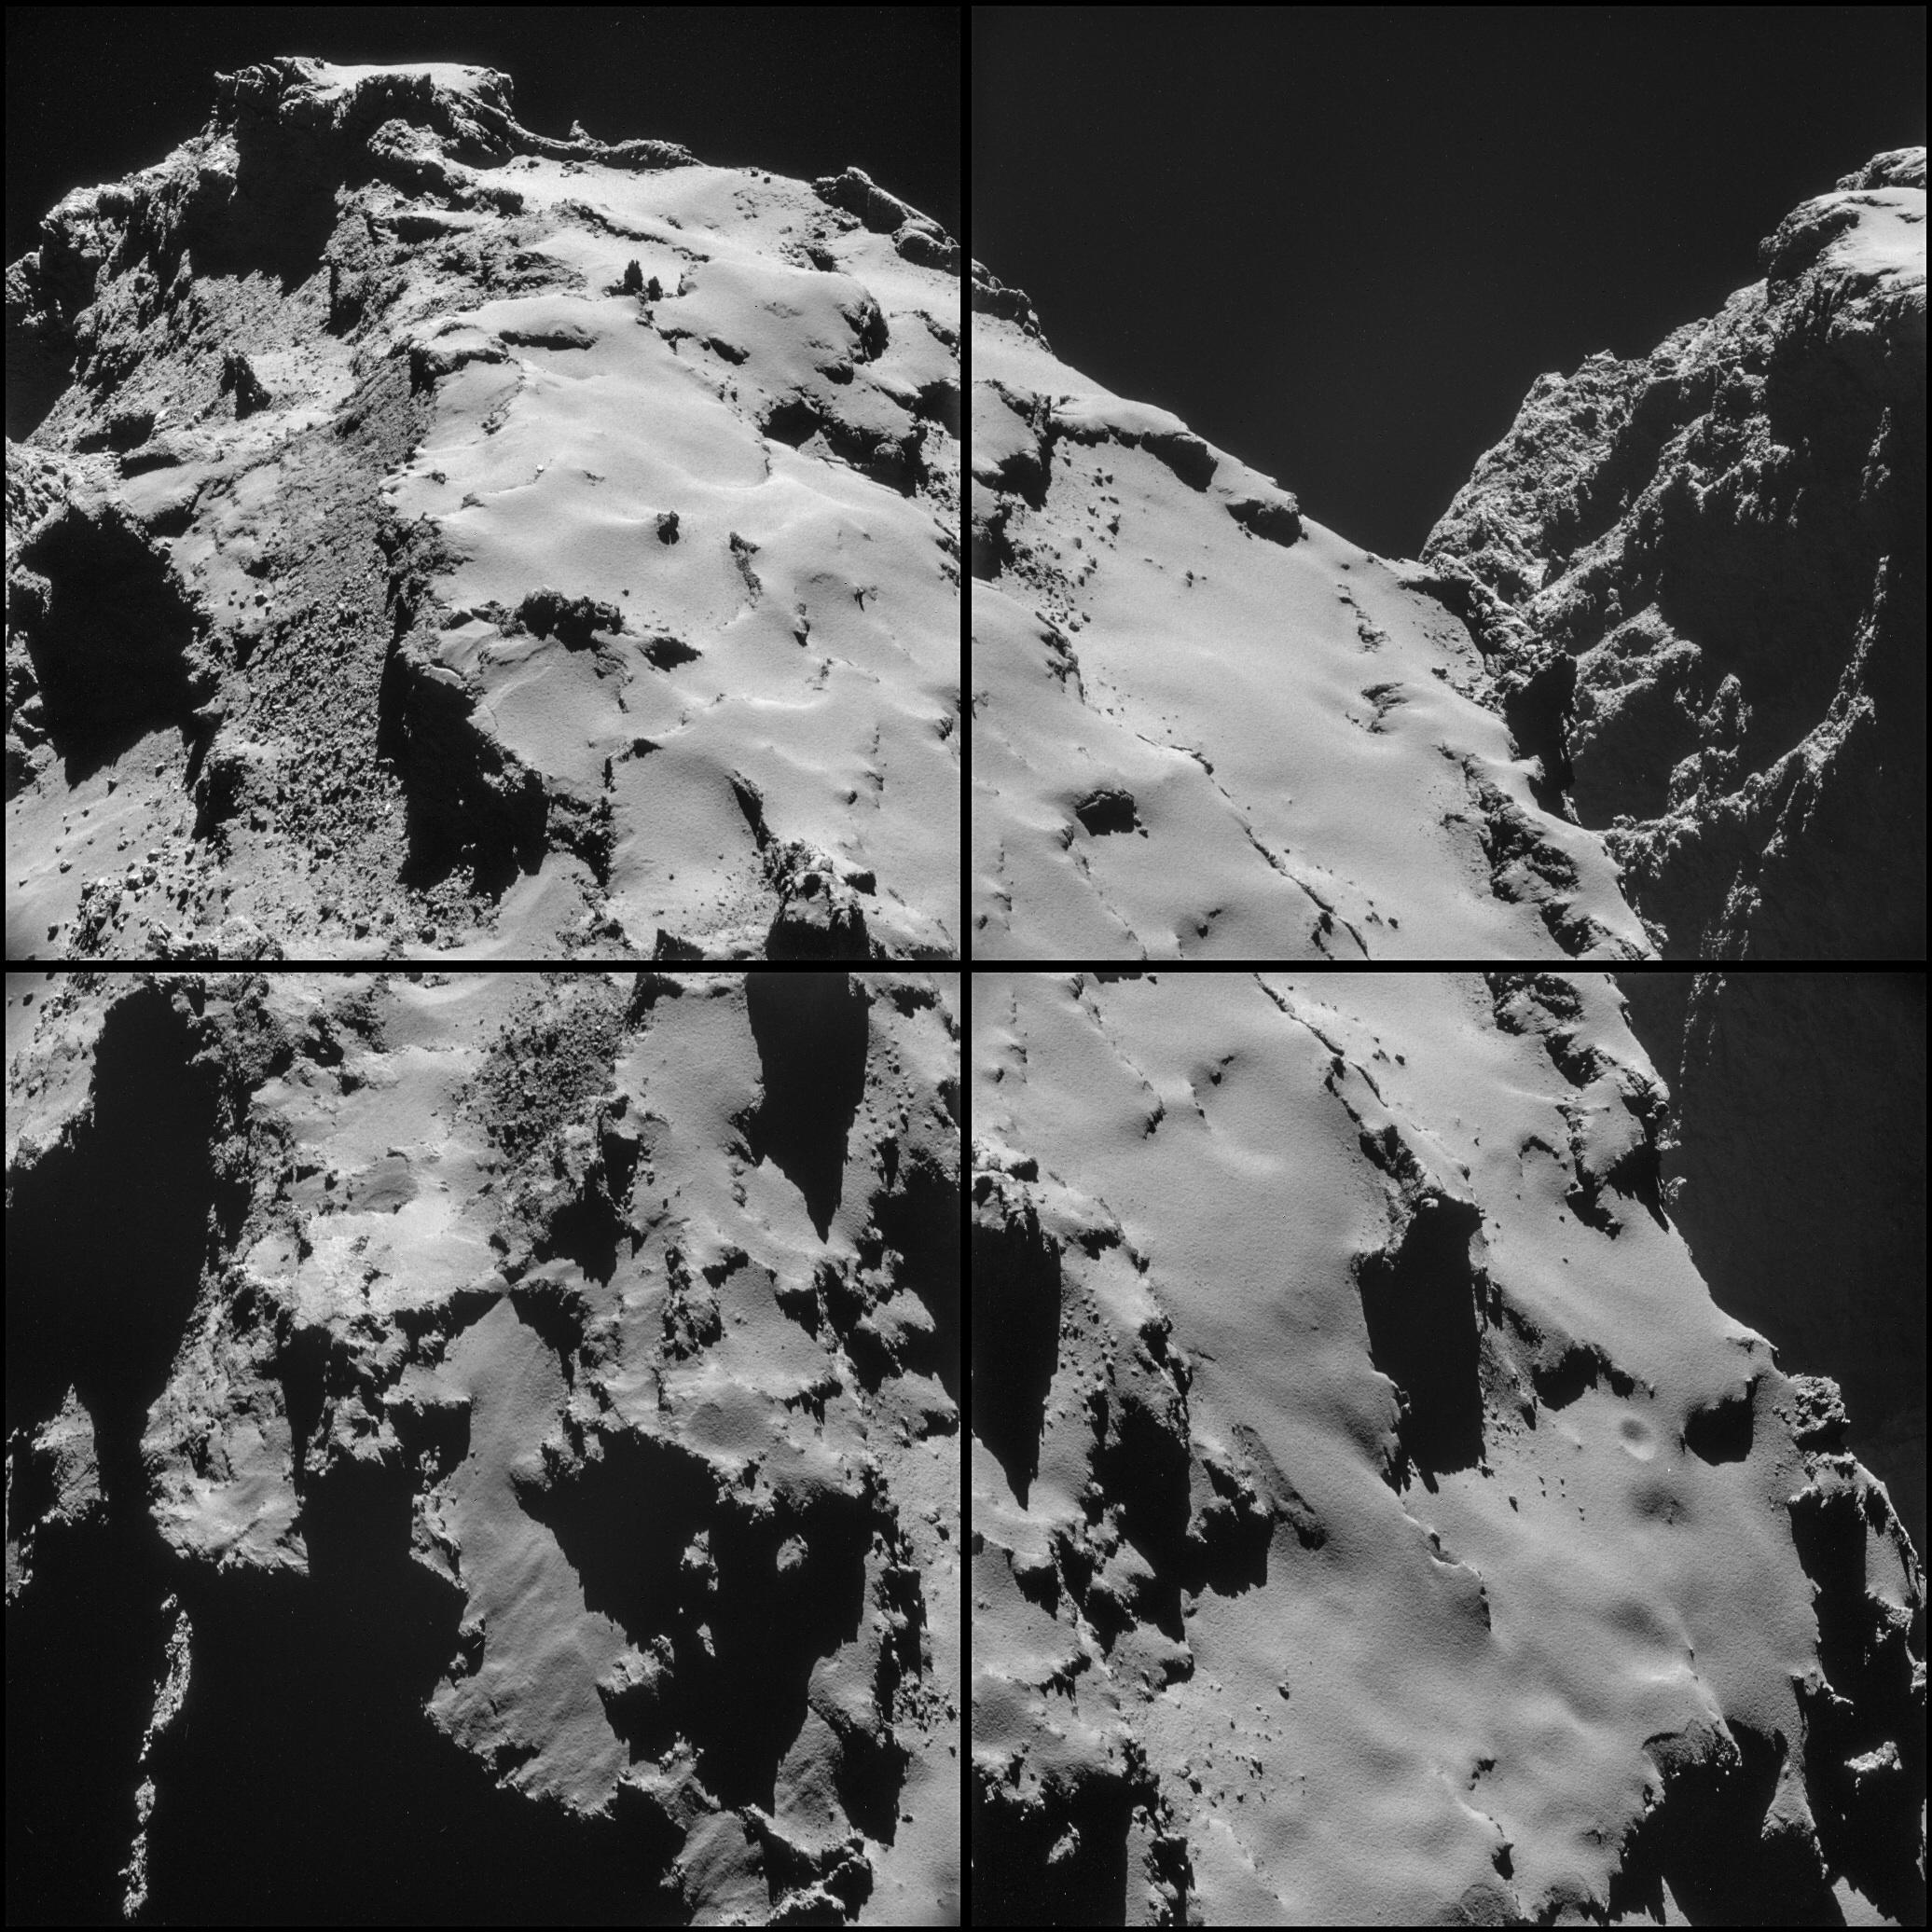 Comet 67P on Oct. 28, 2014.